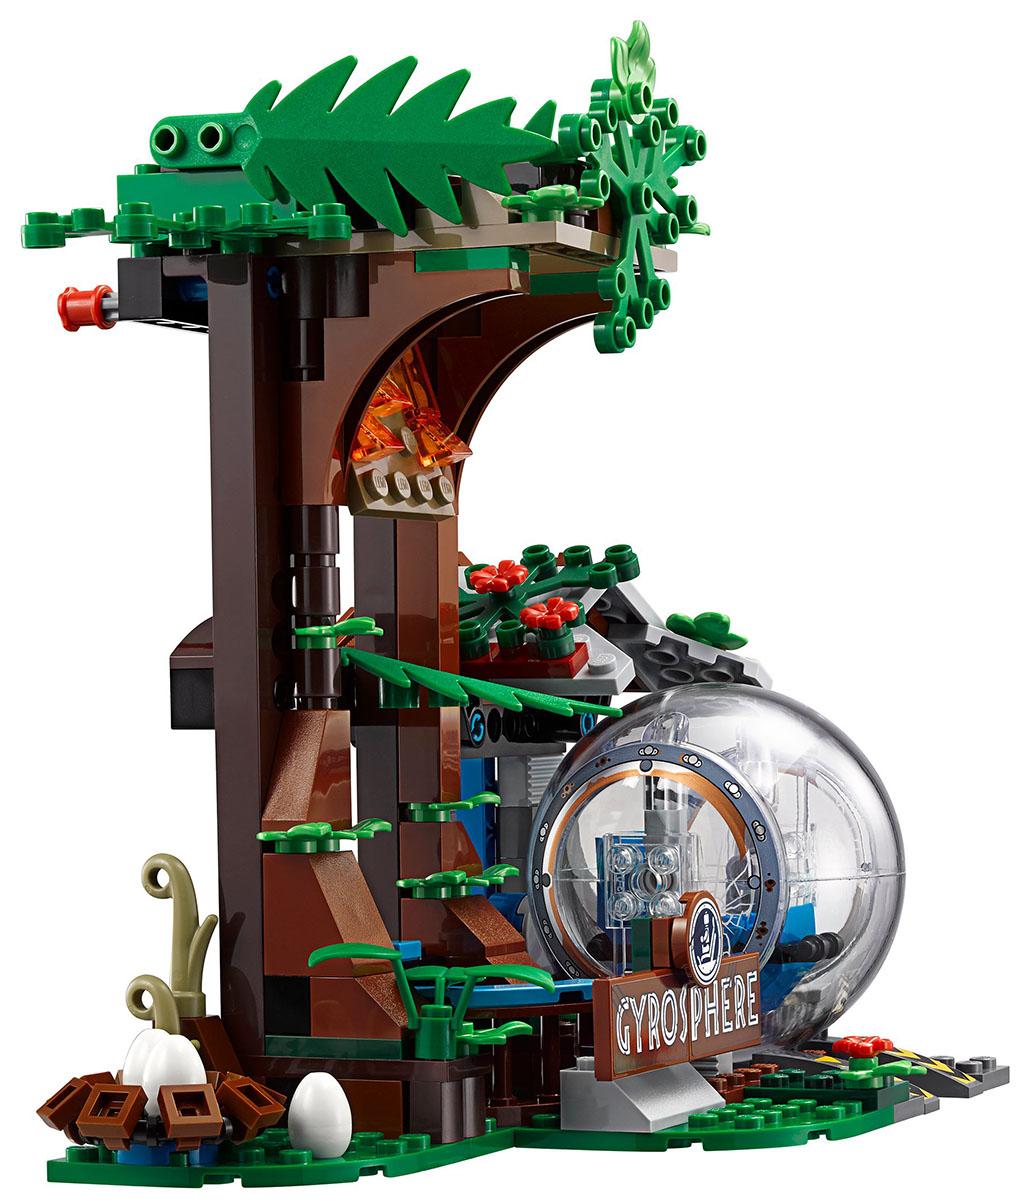 Конструктор LEGO Jurassic World Побег в гиросфере от карнотавра 75929 фото